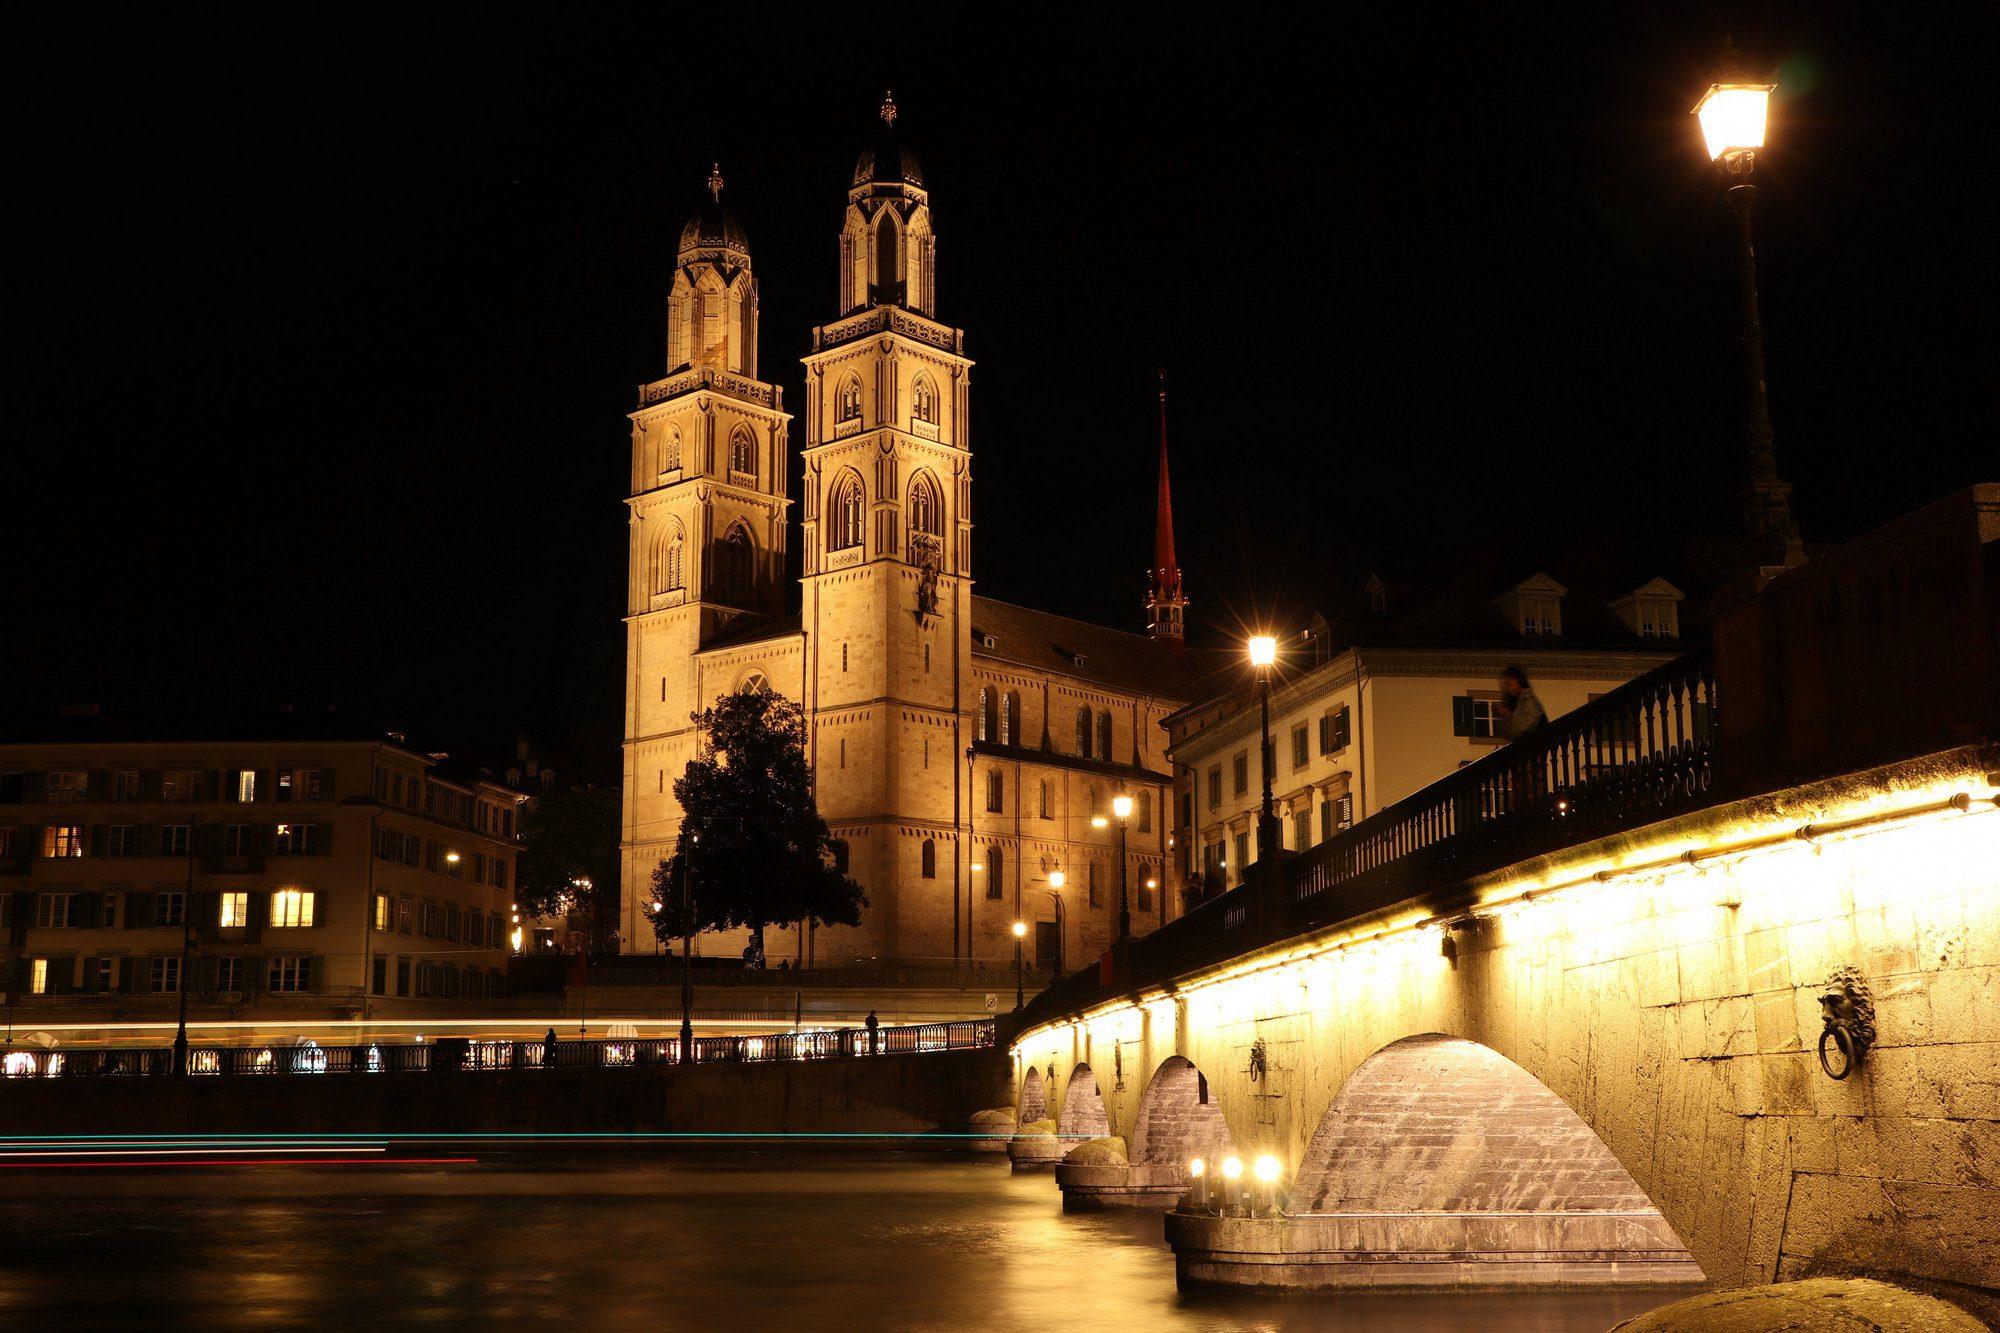 Das Großmünster und die Münsterbrücke in Zürich in der Nacht